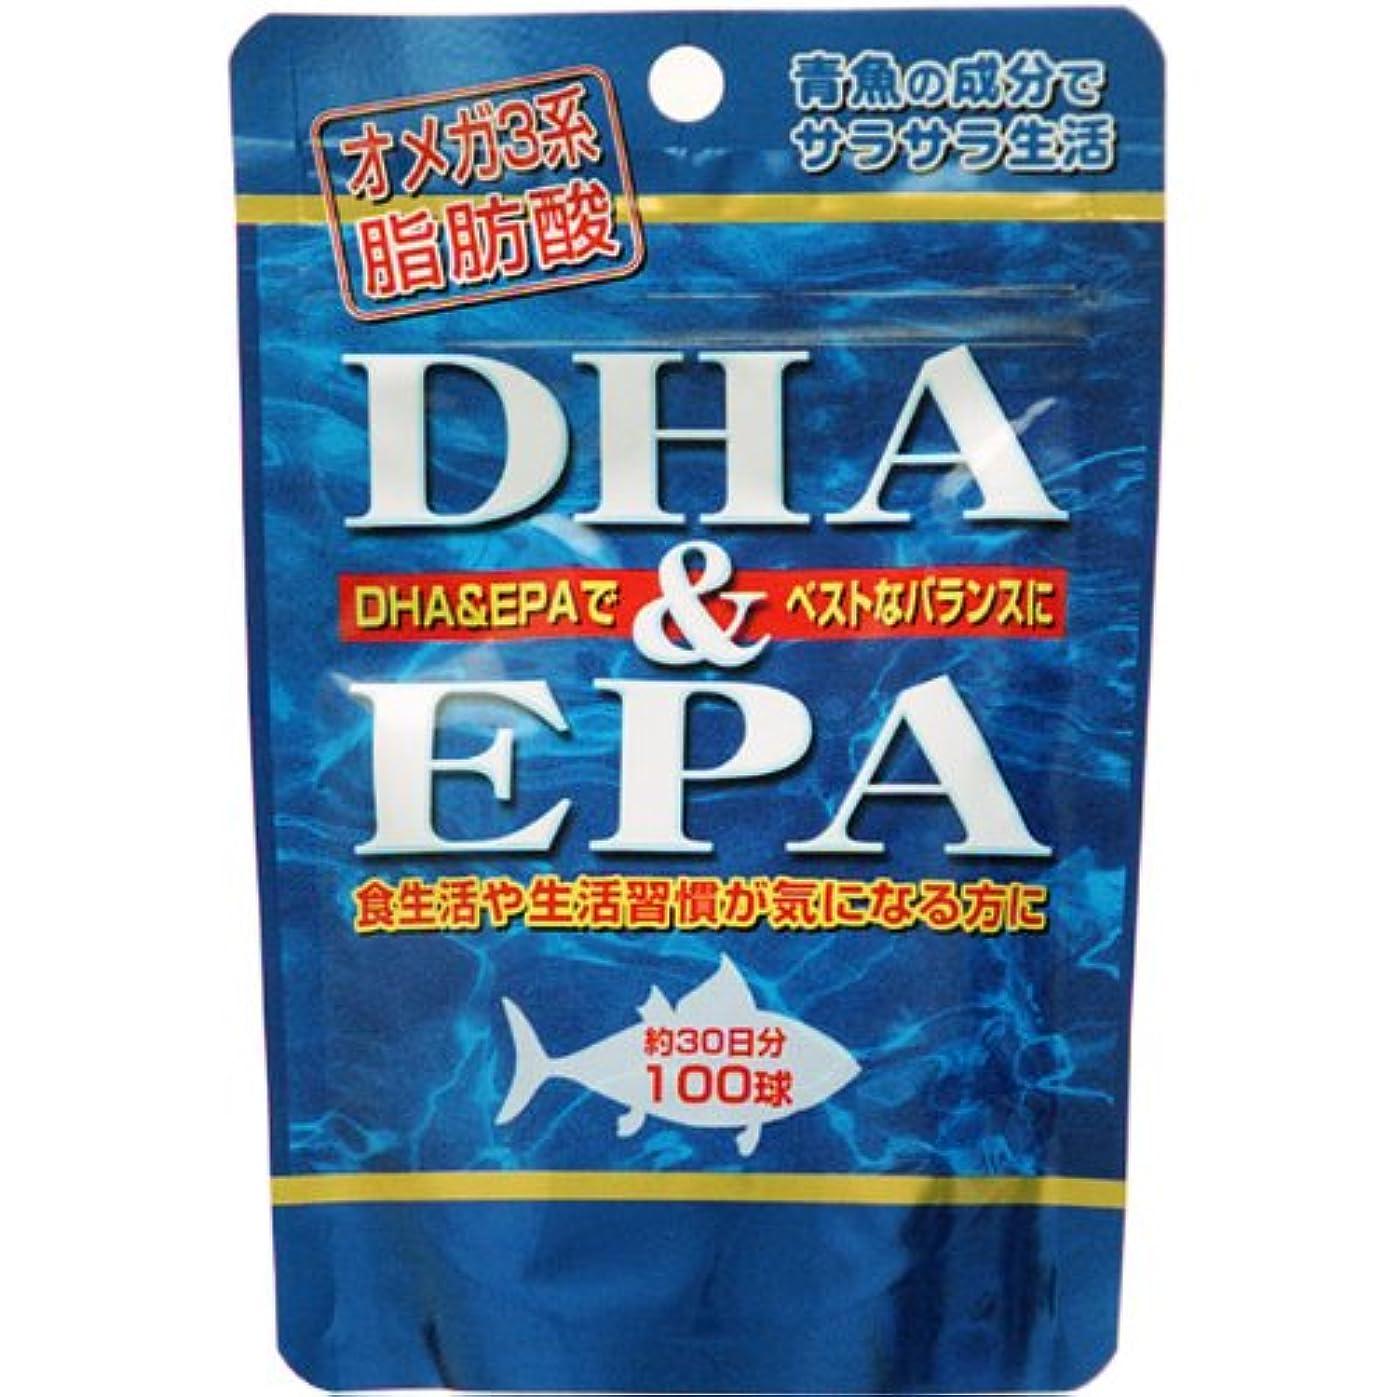 フットボール学士スペイン語DHA(ドコサヘキサエン酸)&EPA(エイコサペンタエン酸)×6